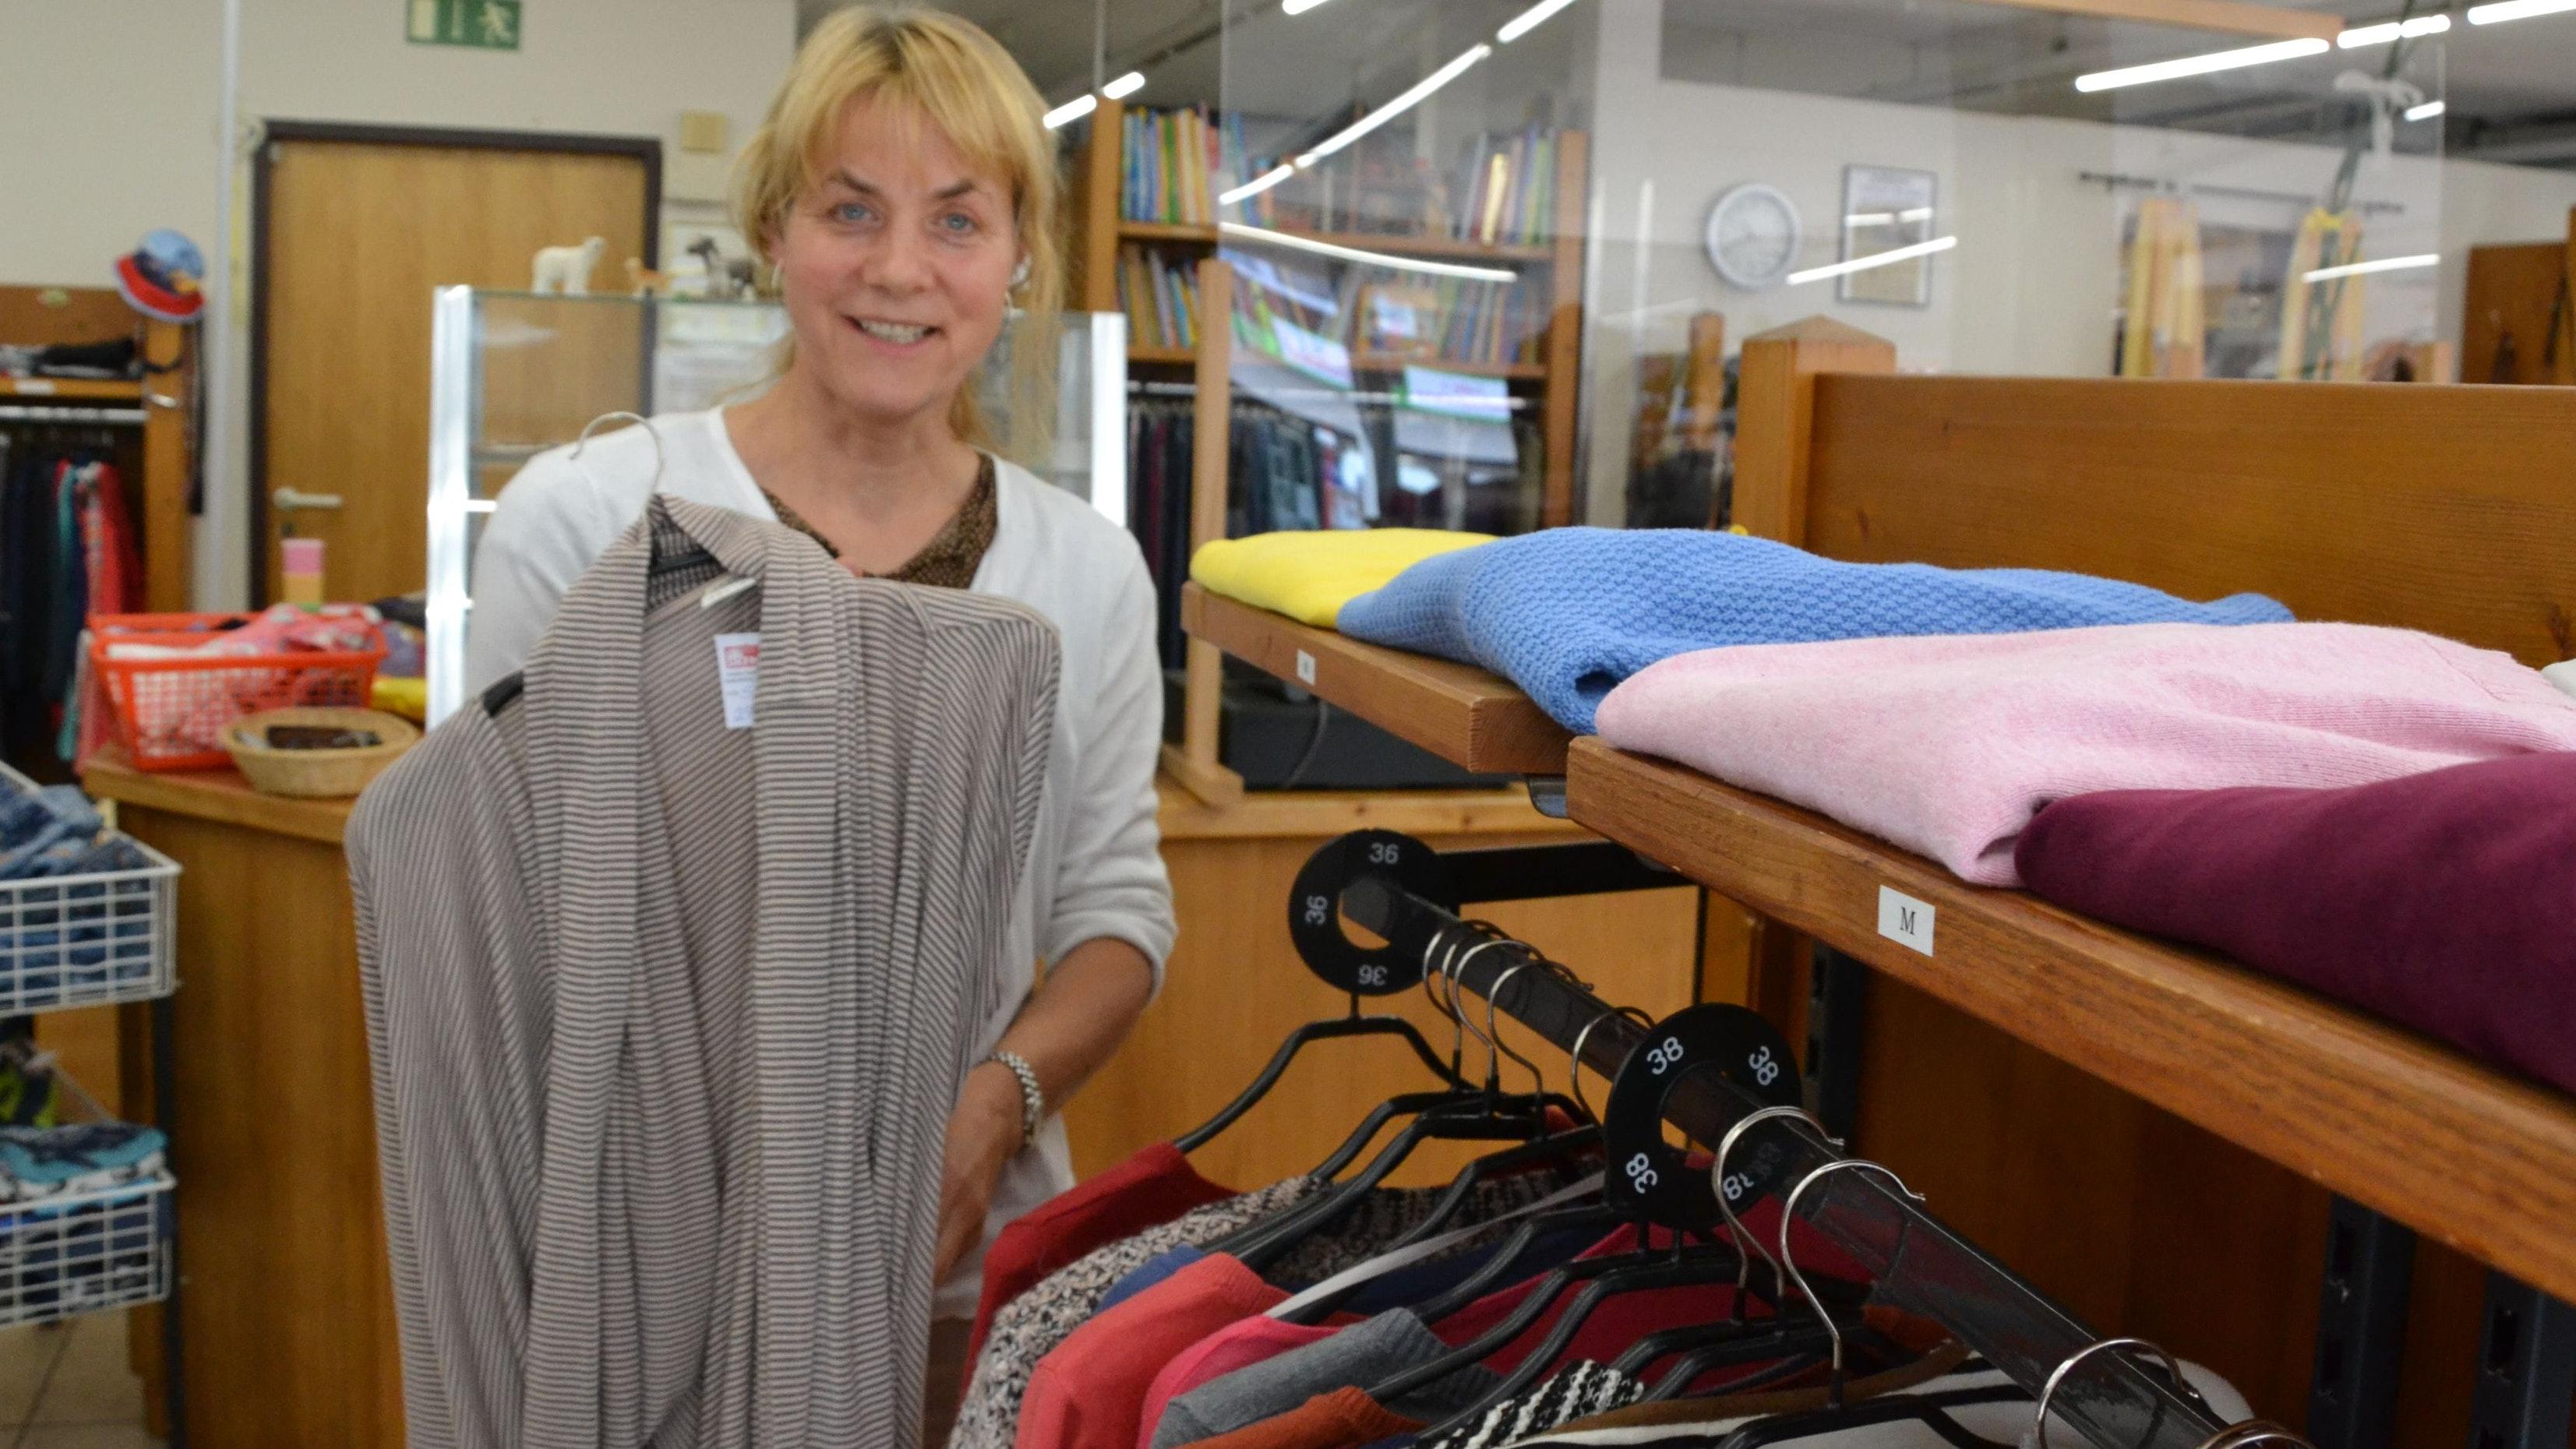 Qualität stimmt: Maria Busse leitet das Soziale Kaufhaus in Essen. Foto: Meyer